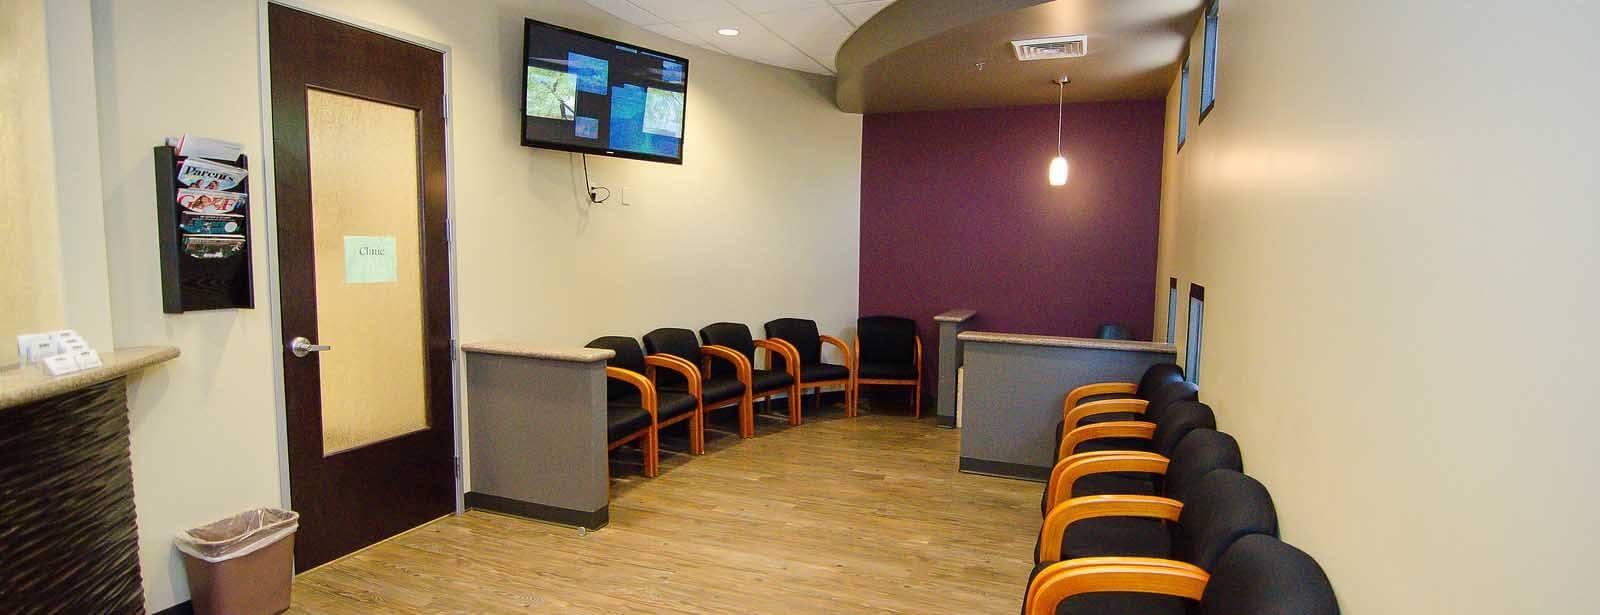 Estrella ENT waiting room